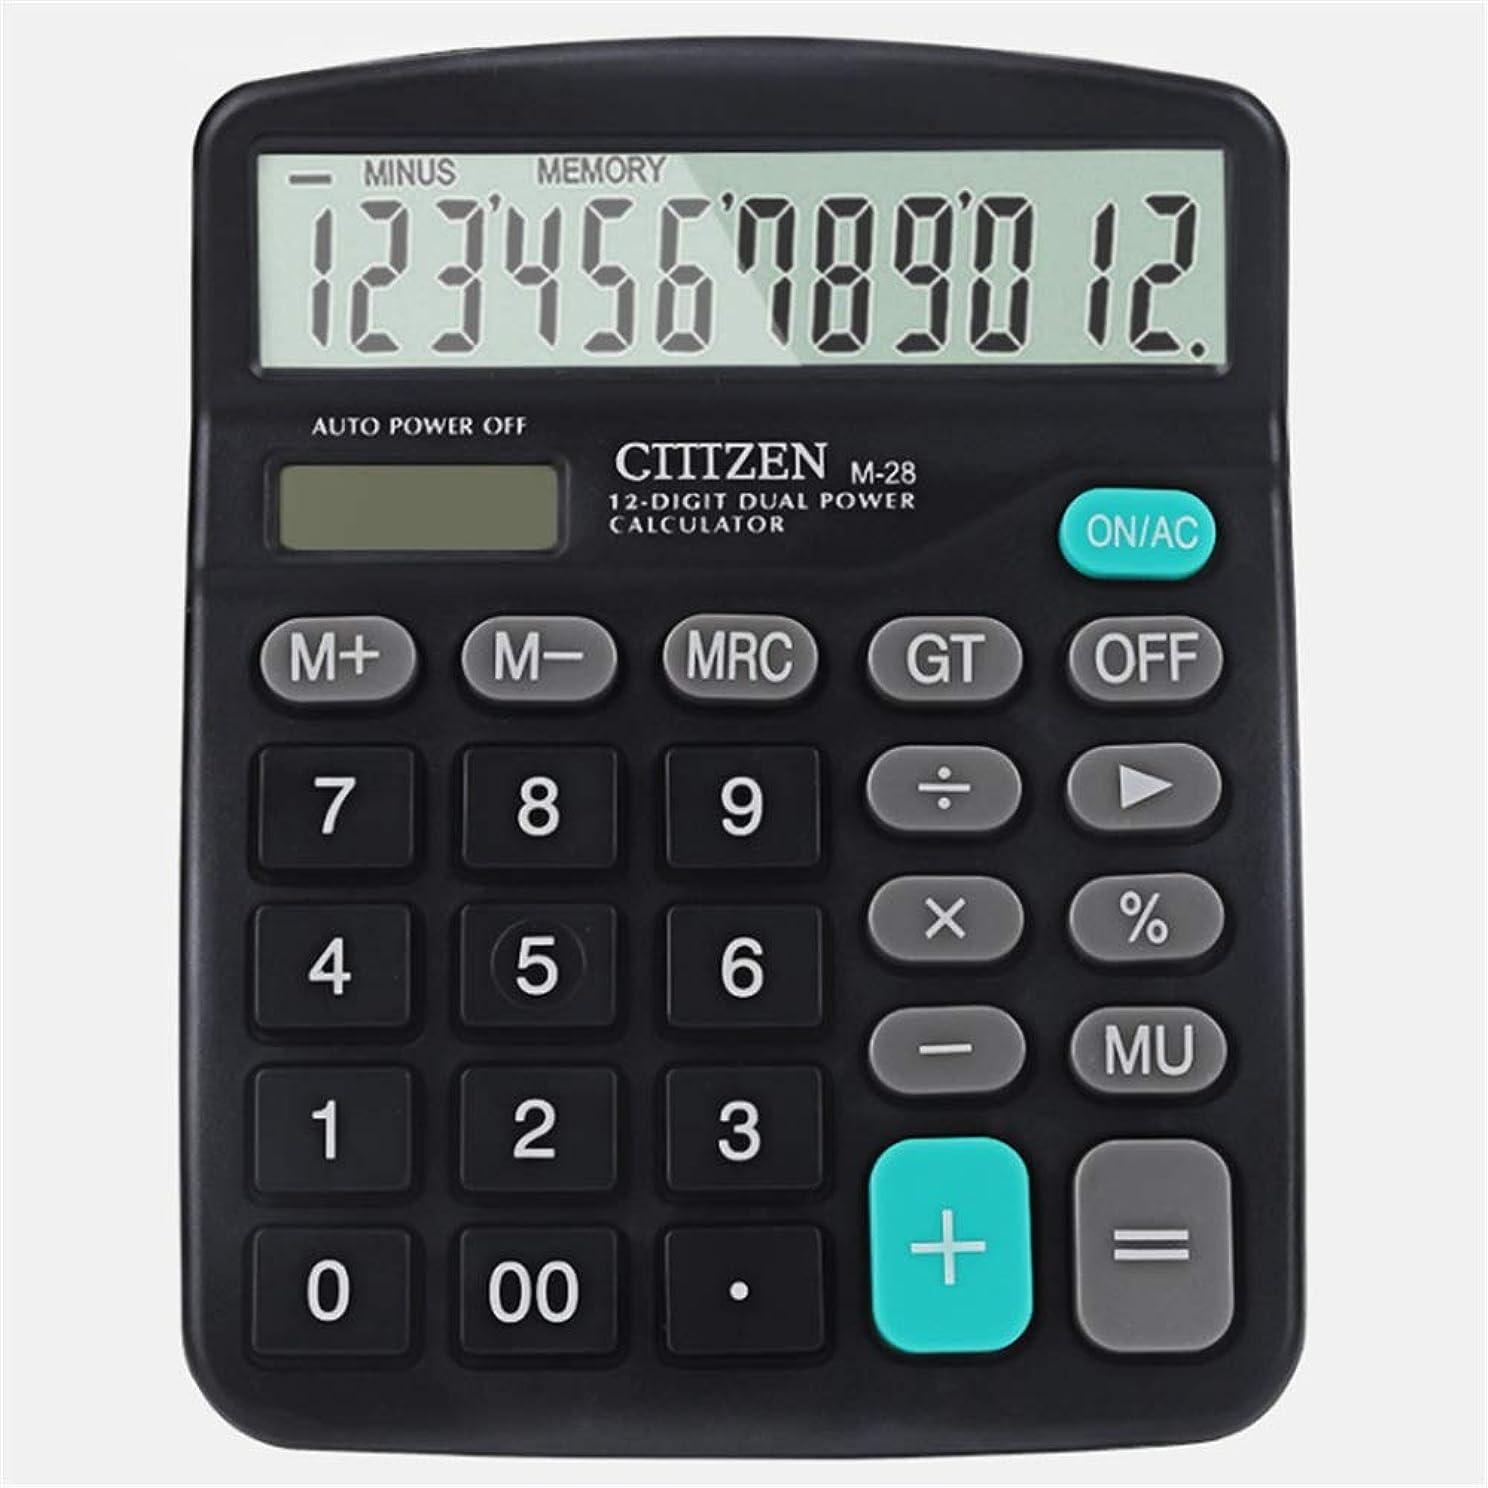 液化する粒子整理するビジネス電卓, 12桁の大型ディスプレイと電子デスクトップの電卓太陽電池の液晶ディスプレイオフィスの電卓黒の色のビジネスギフト 実務電卓